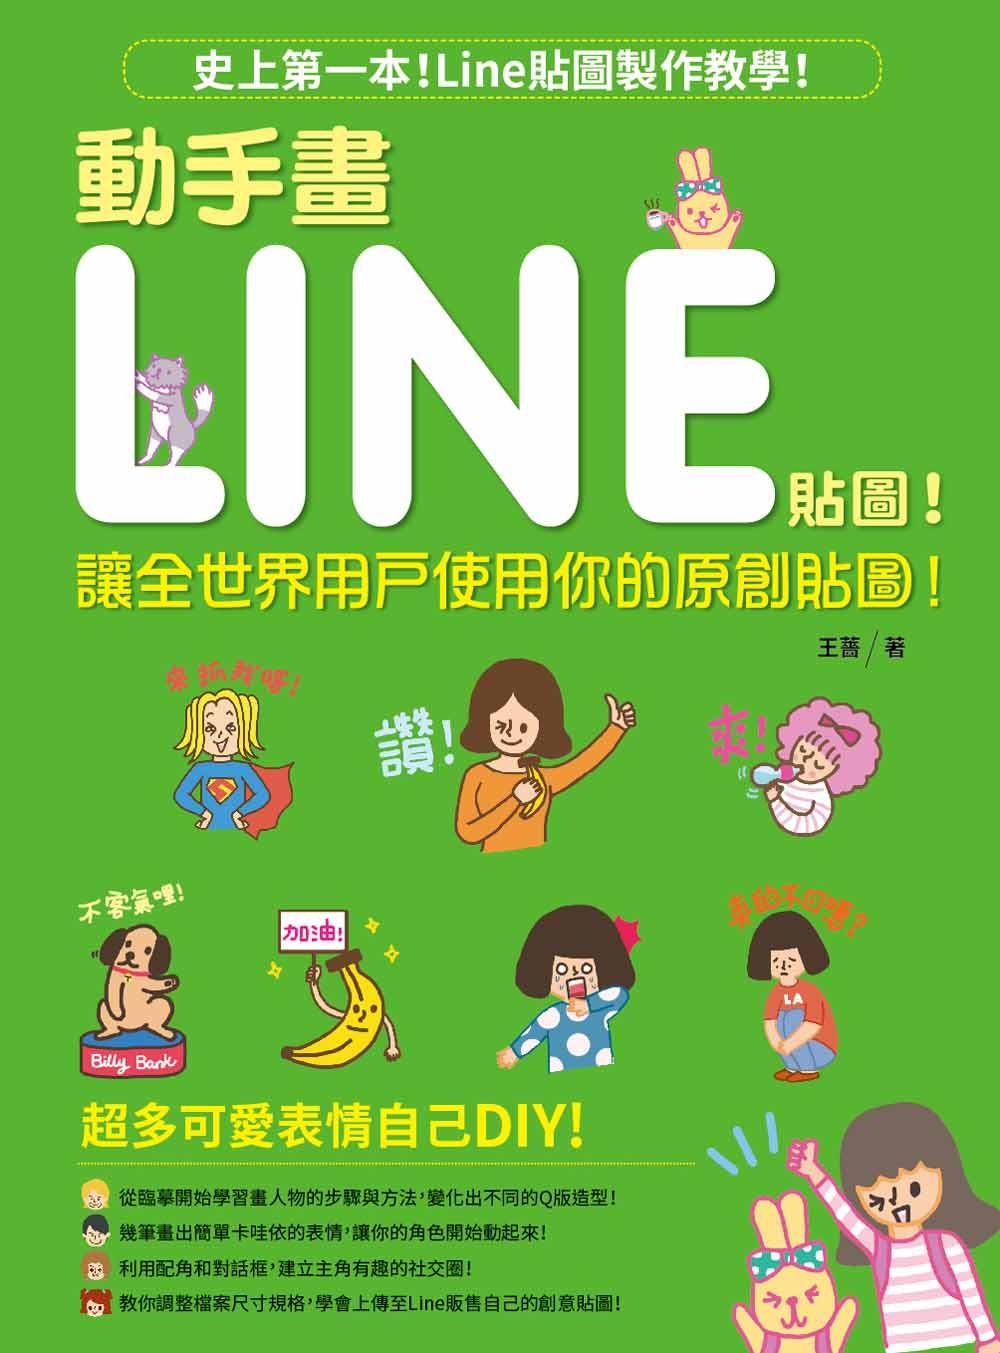 動手畫LINE貼圖!:讓全世界用戶使用你的原創貼圖!